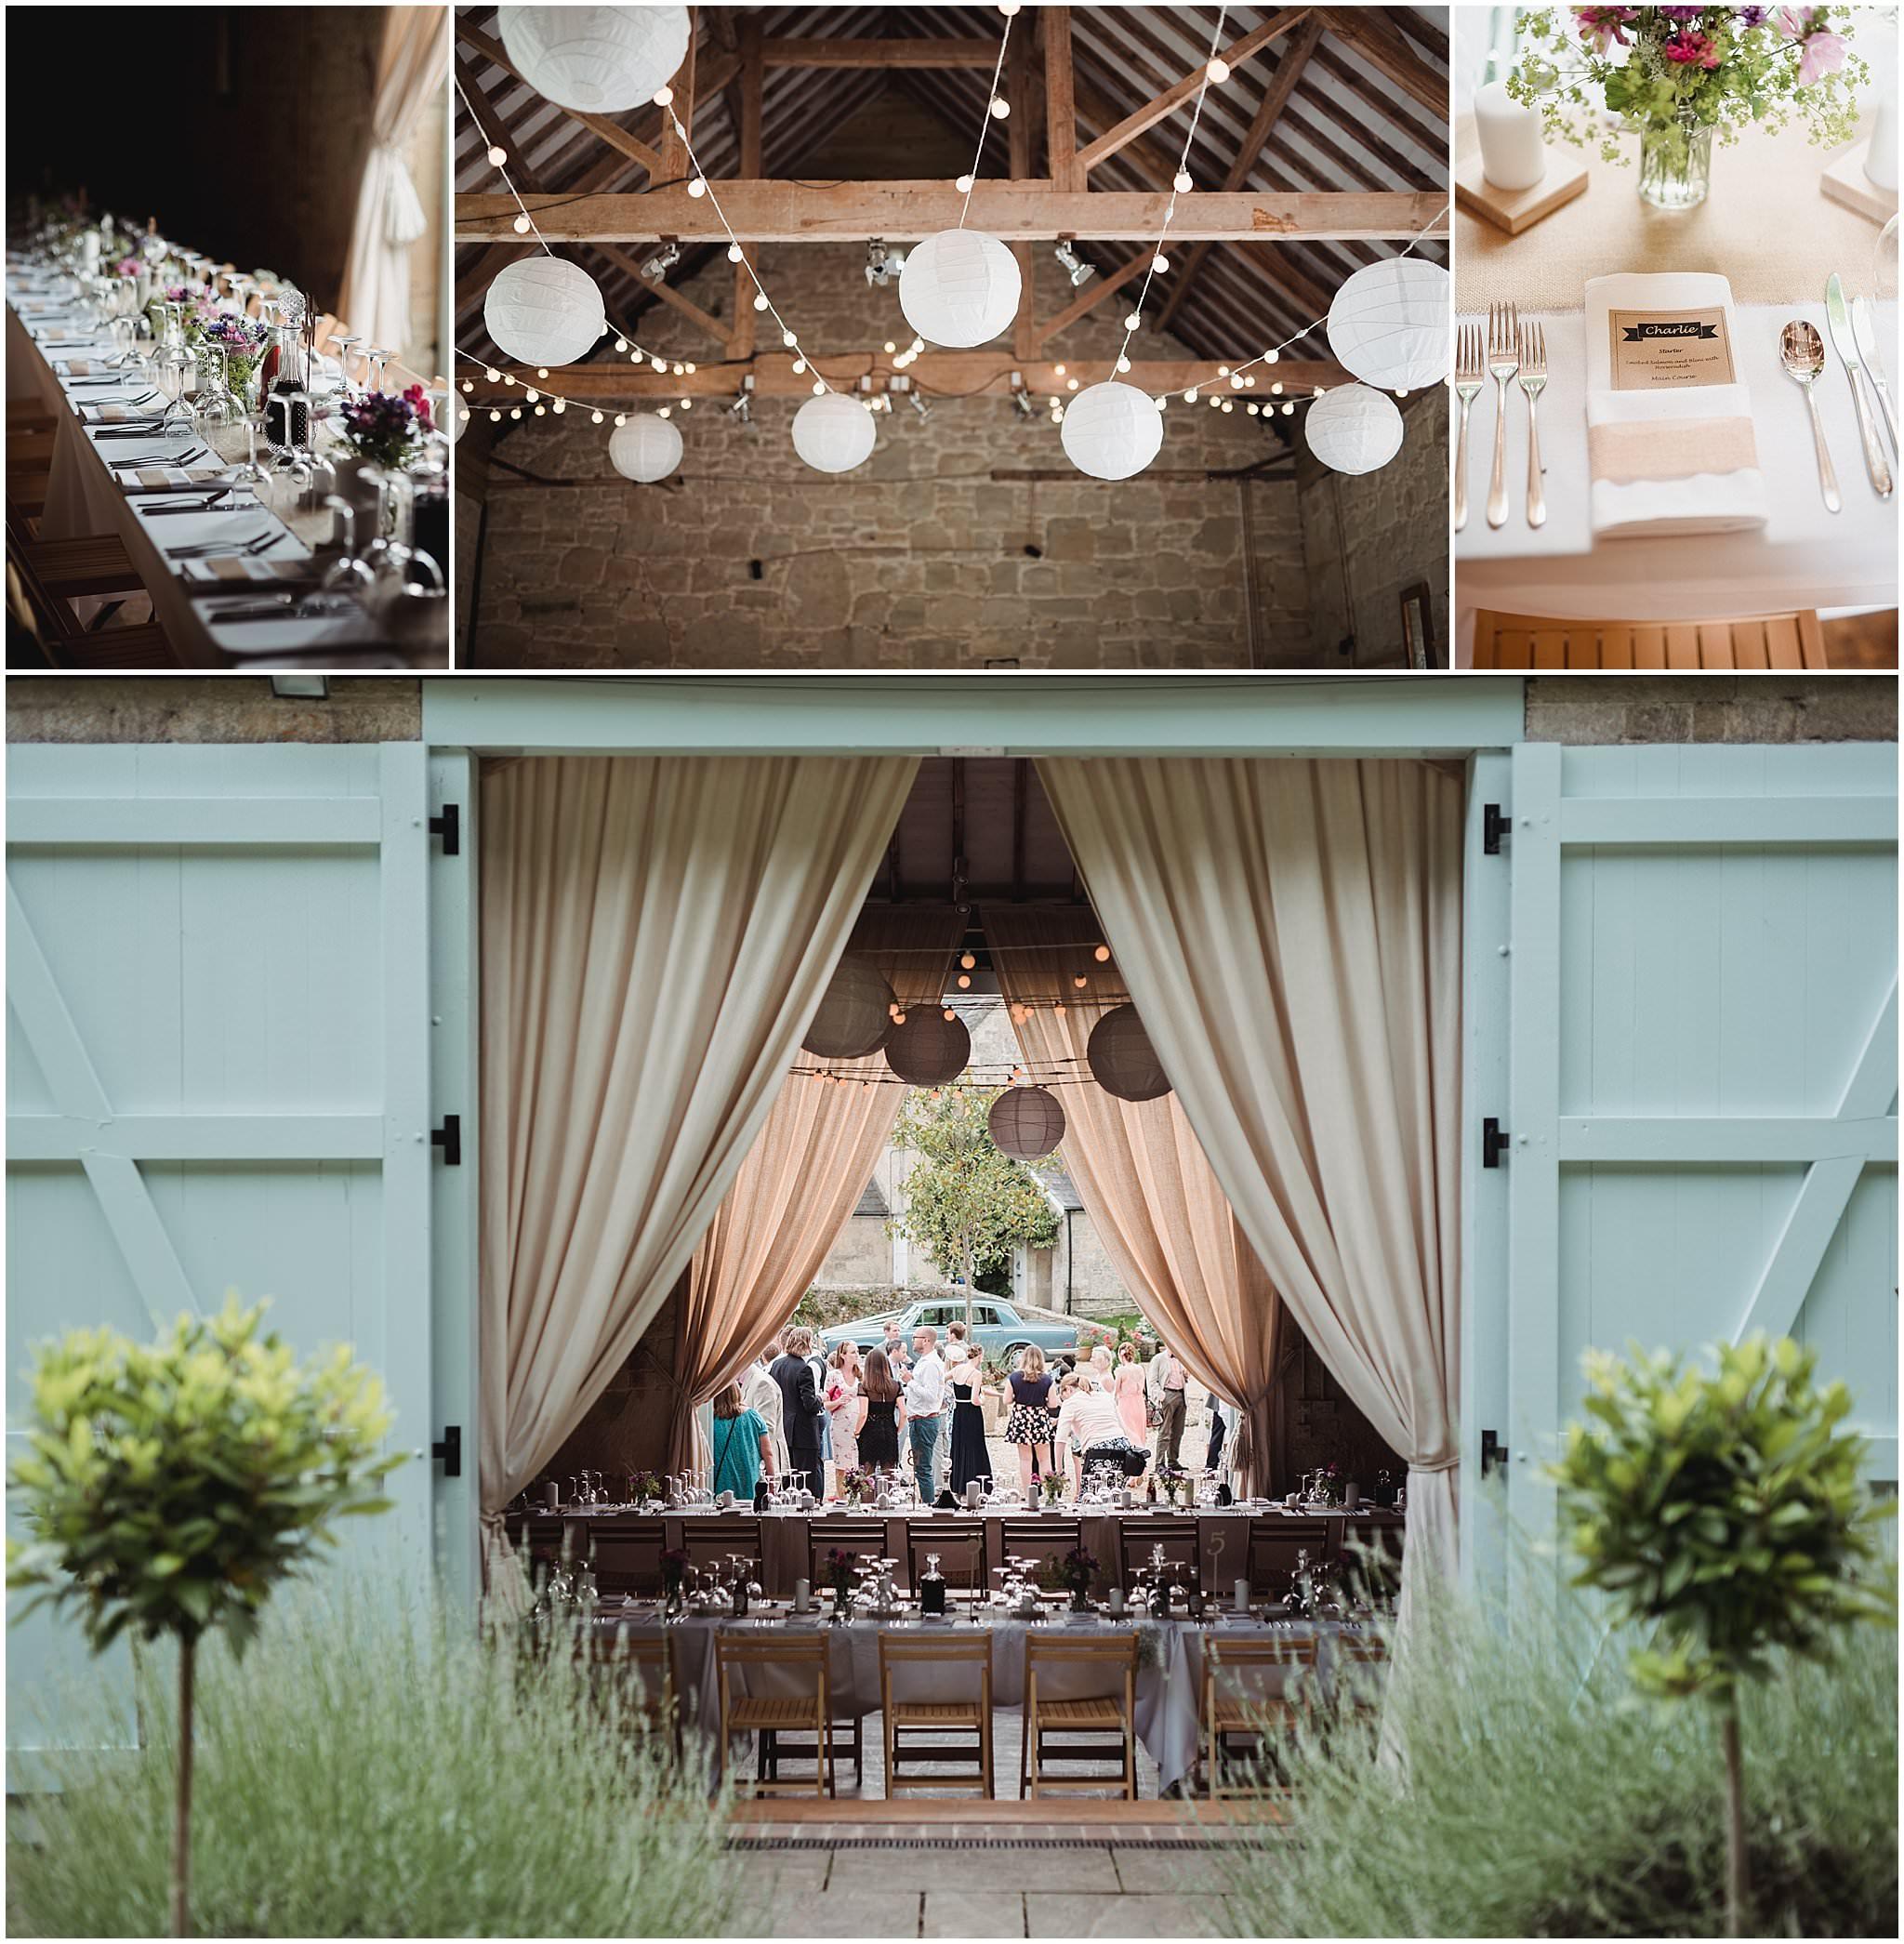 fay & tim wedding at ashley wood farm_0471